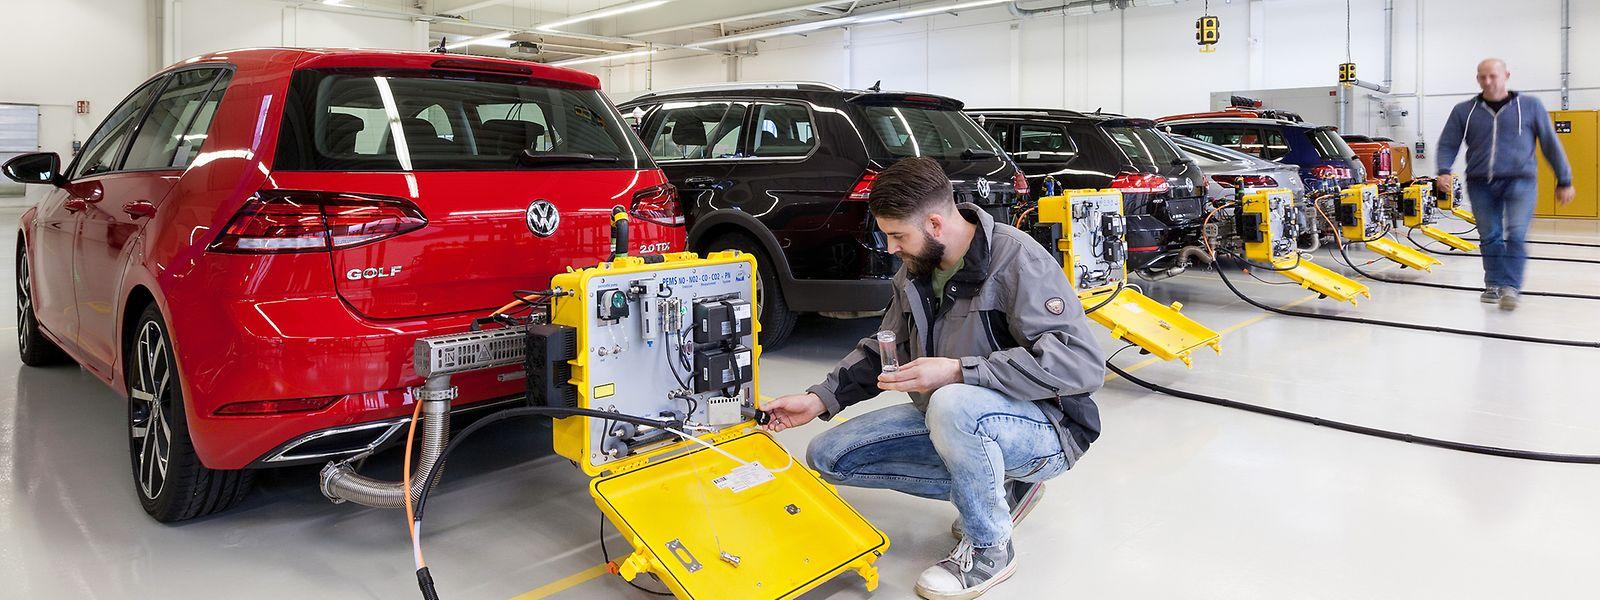 Le dieselgate a déjà coûté près de 30 milliards d'euros à la marque allemande.